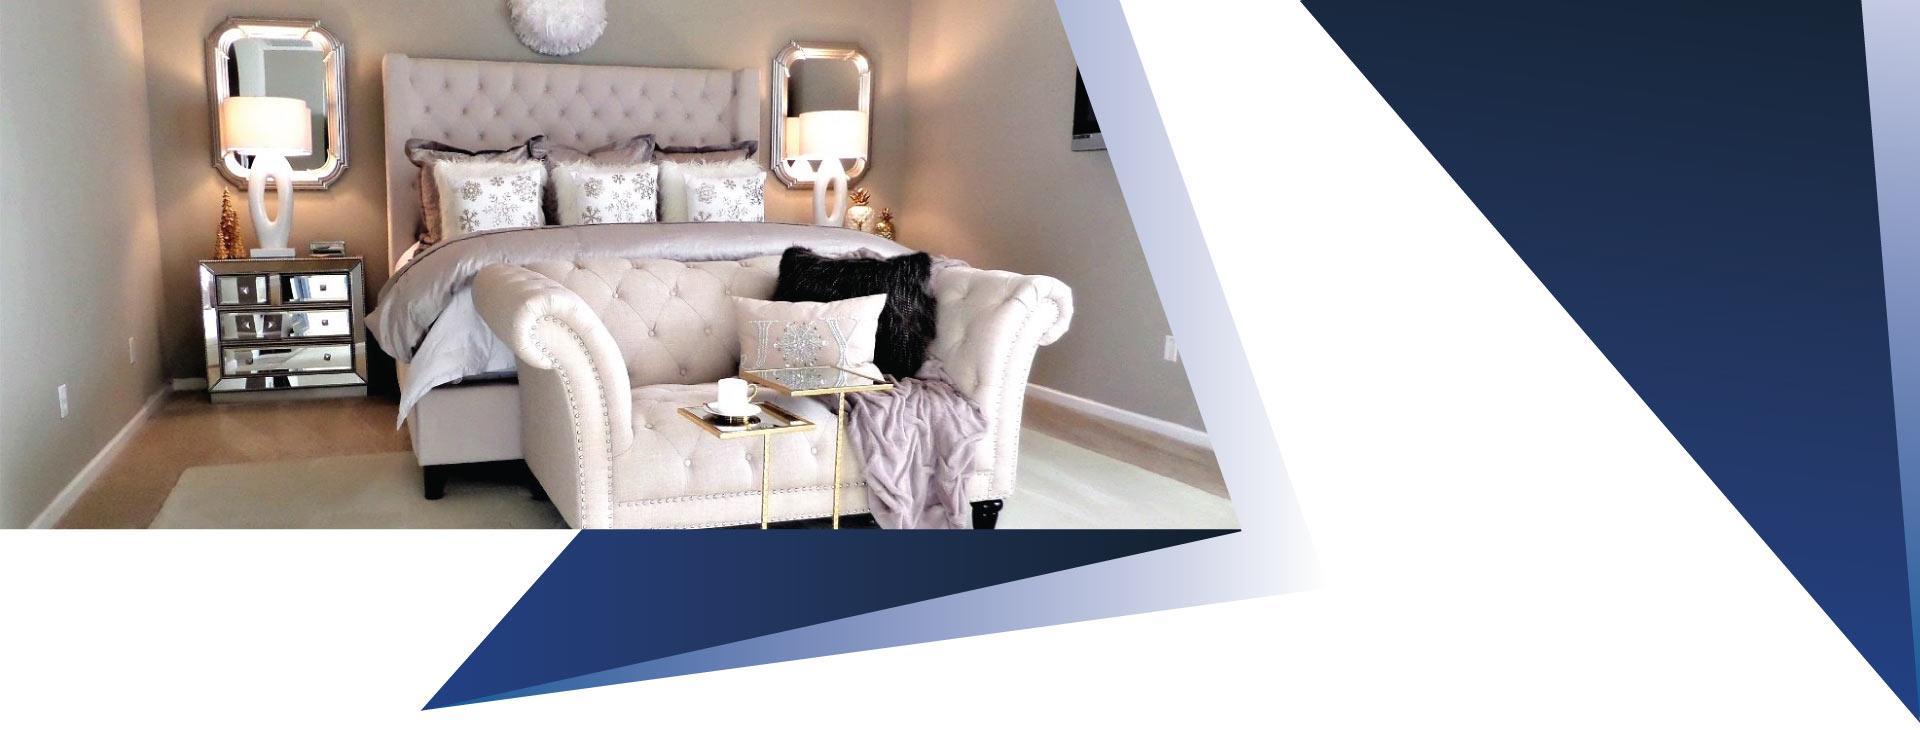 bedroom Furniture - طراحی اتاق خواب مستر